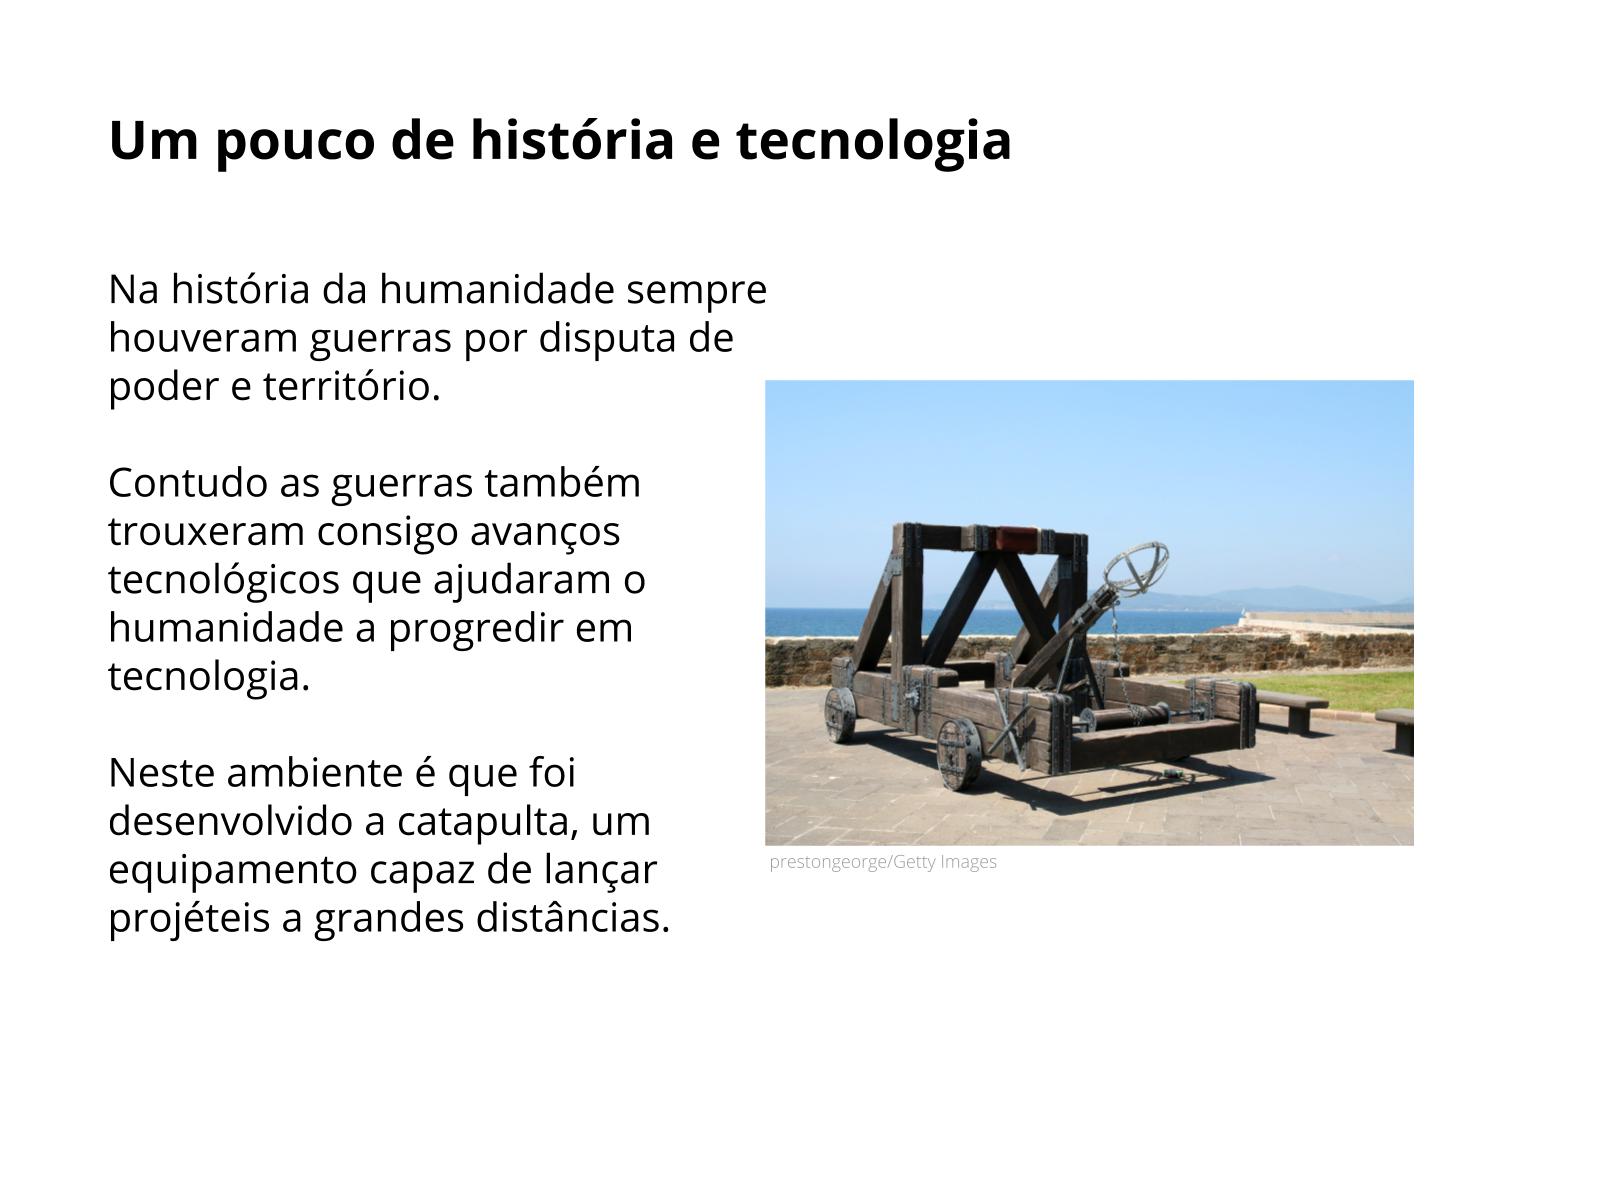 Máquinas simples: catapulta